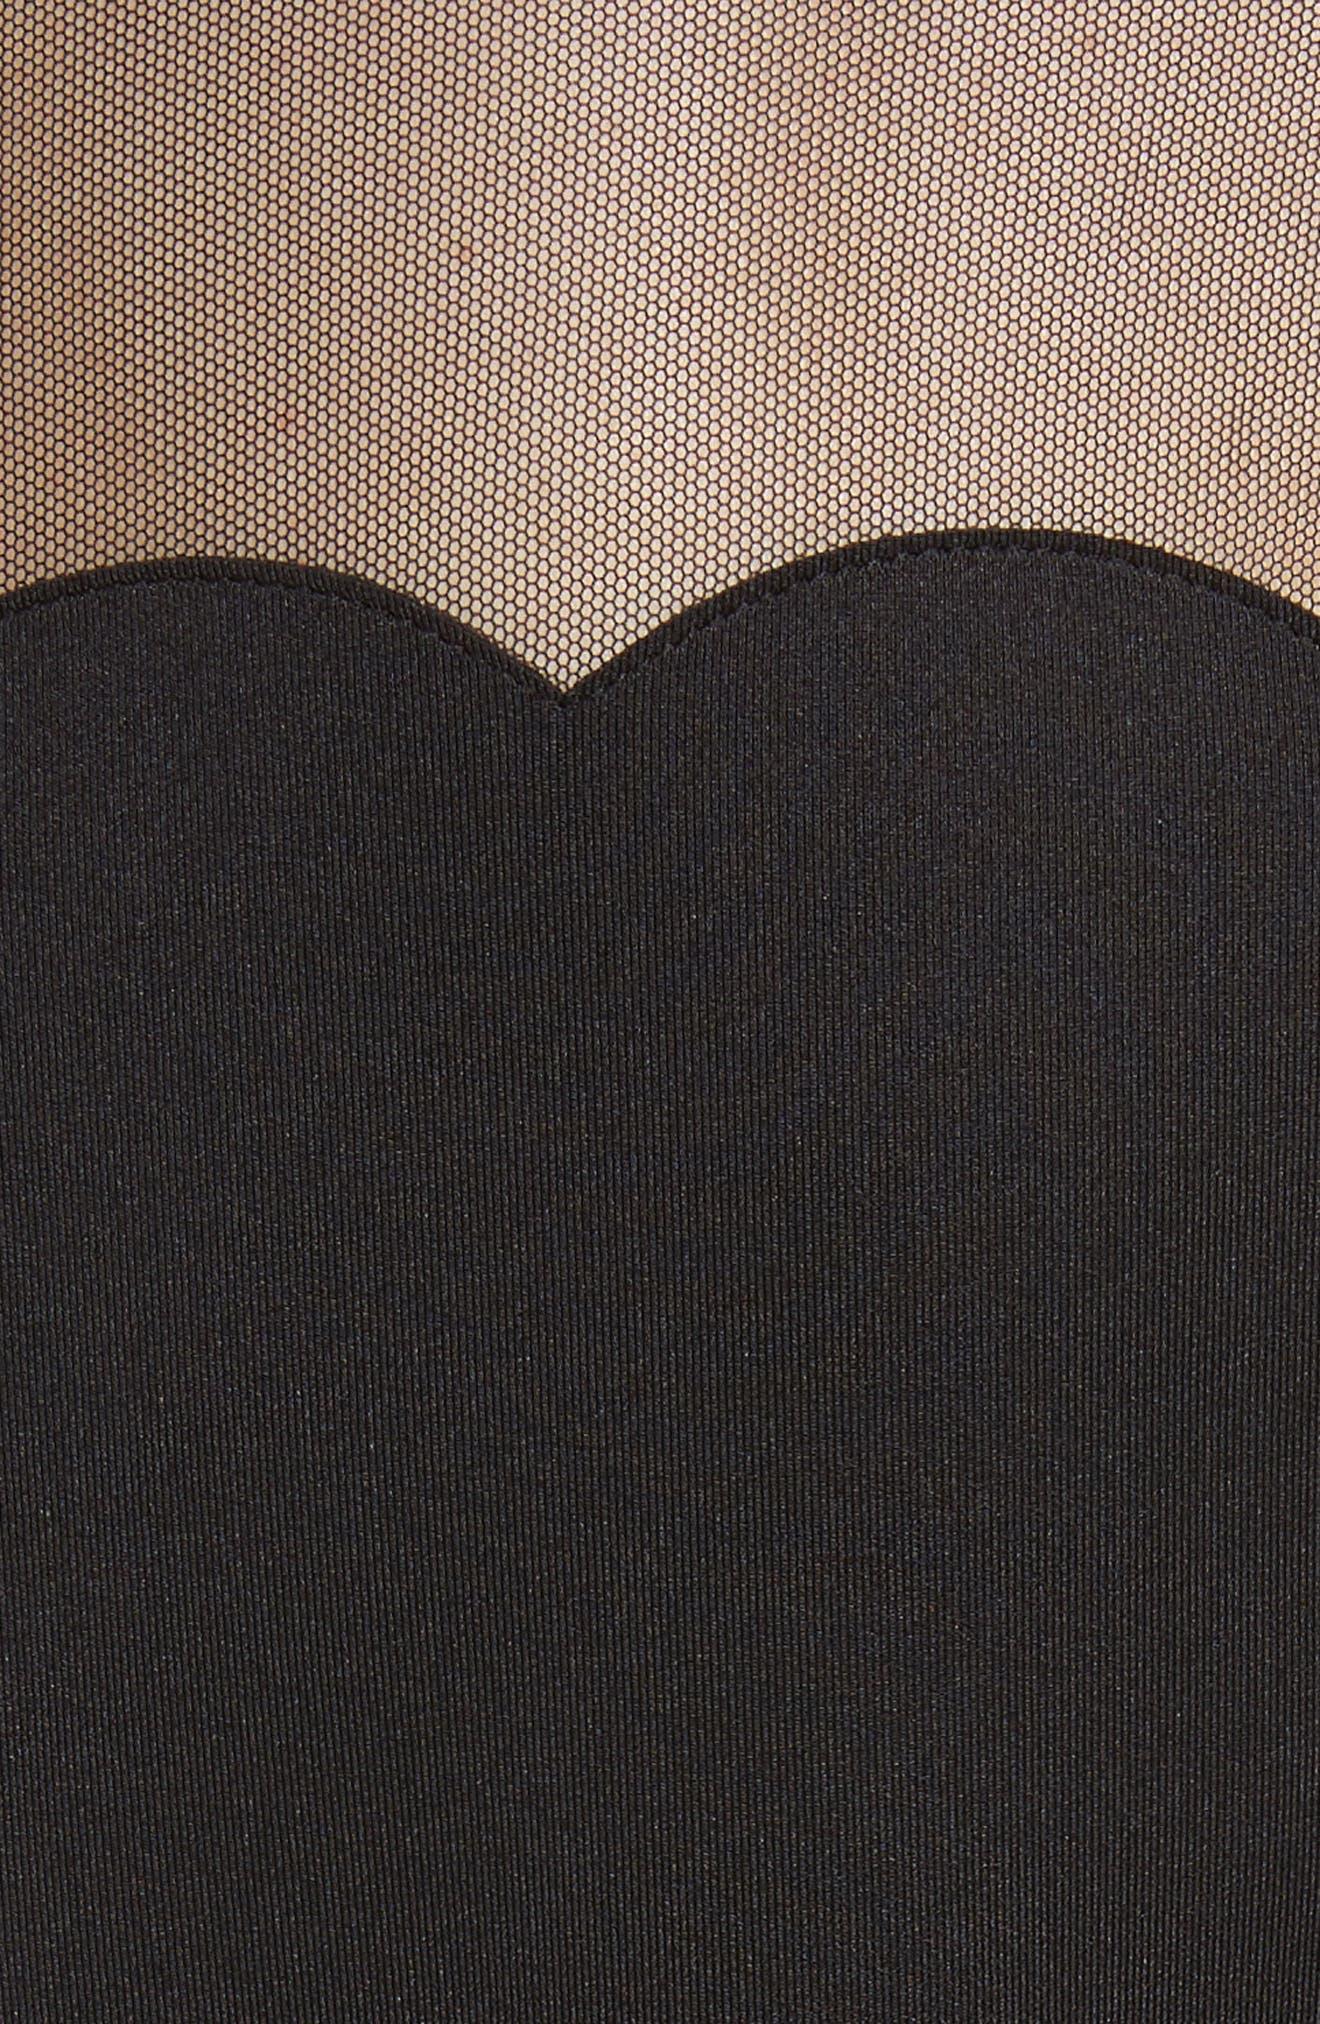 Kikoh Mesh Panel Skater Dress,                             Alternate thumbnail 5, color,                             001